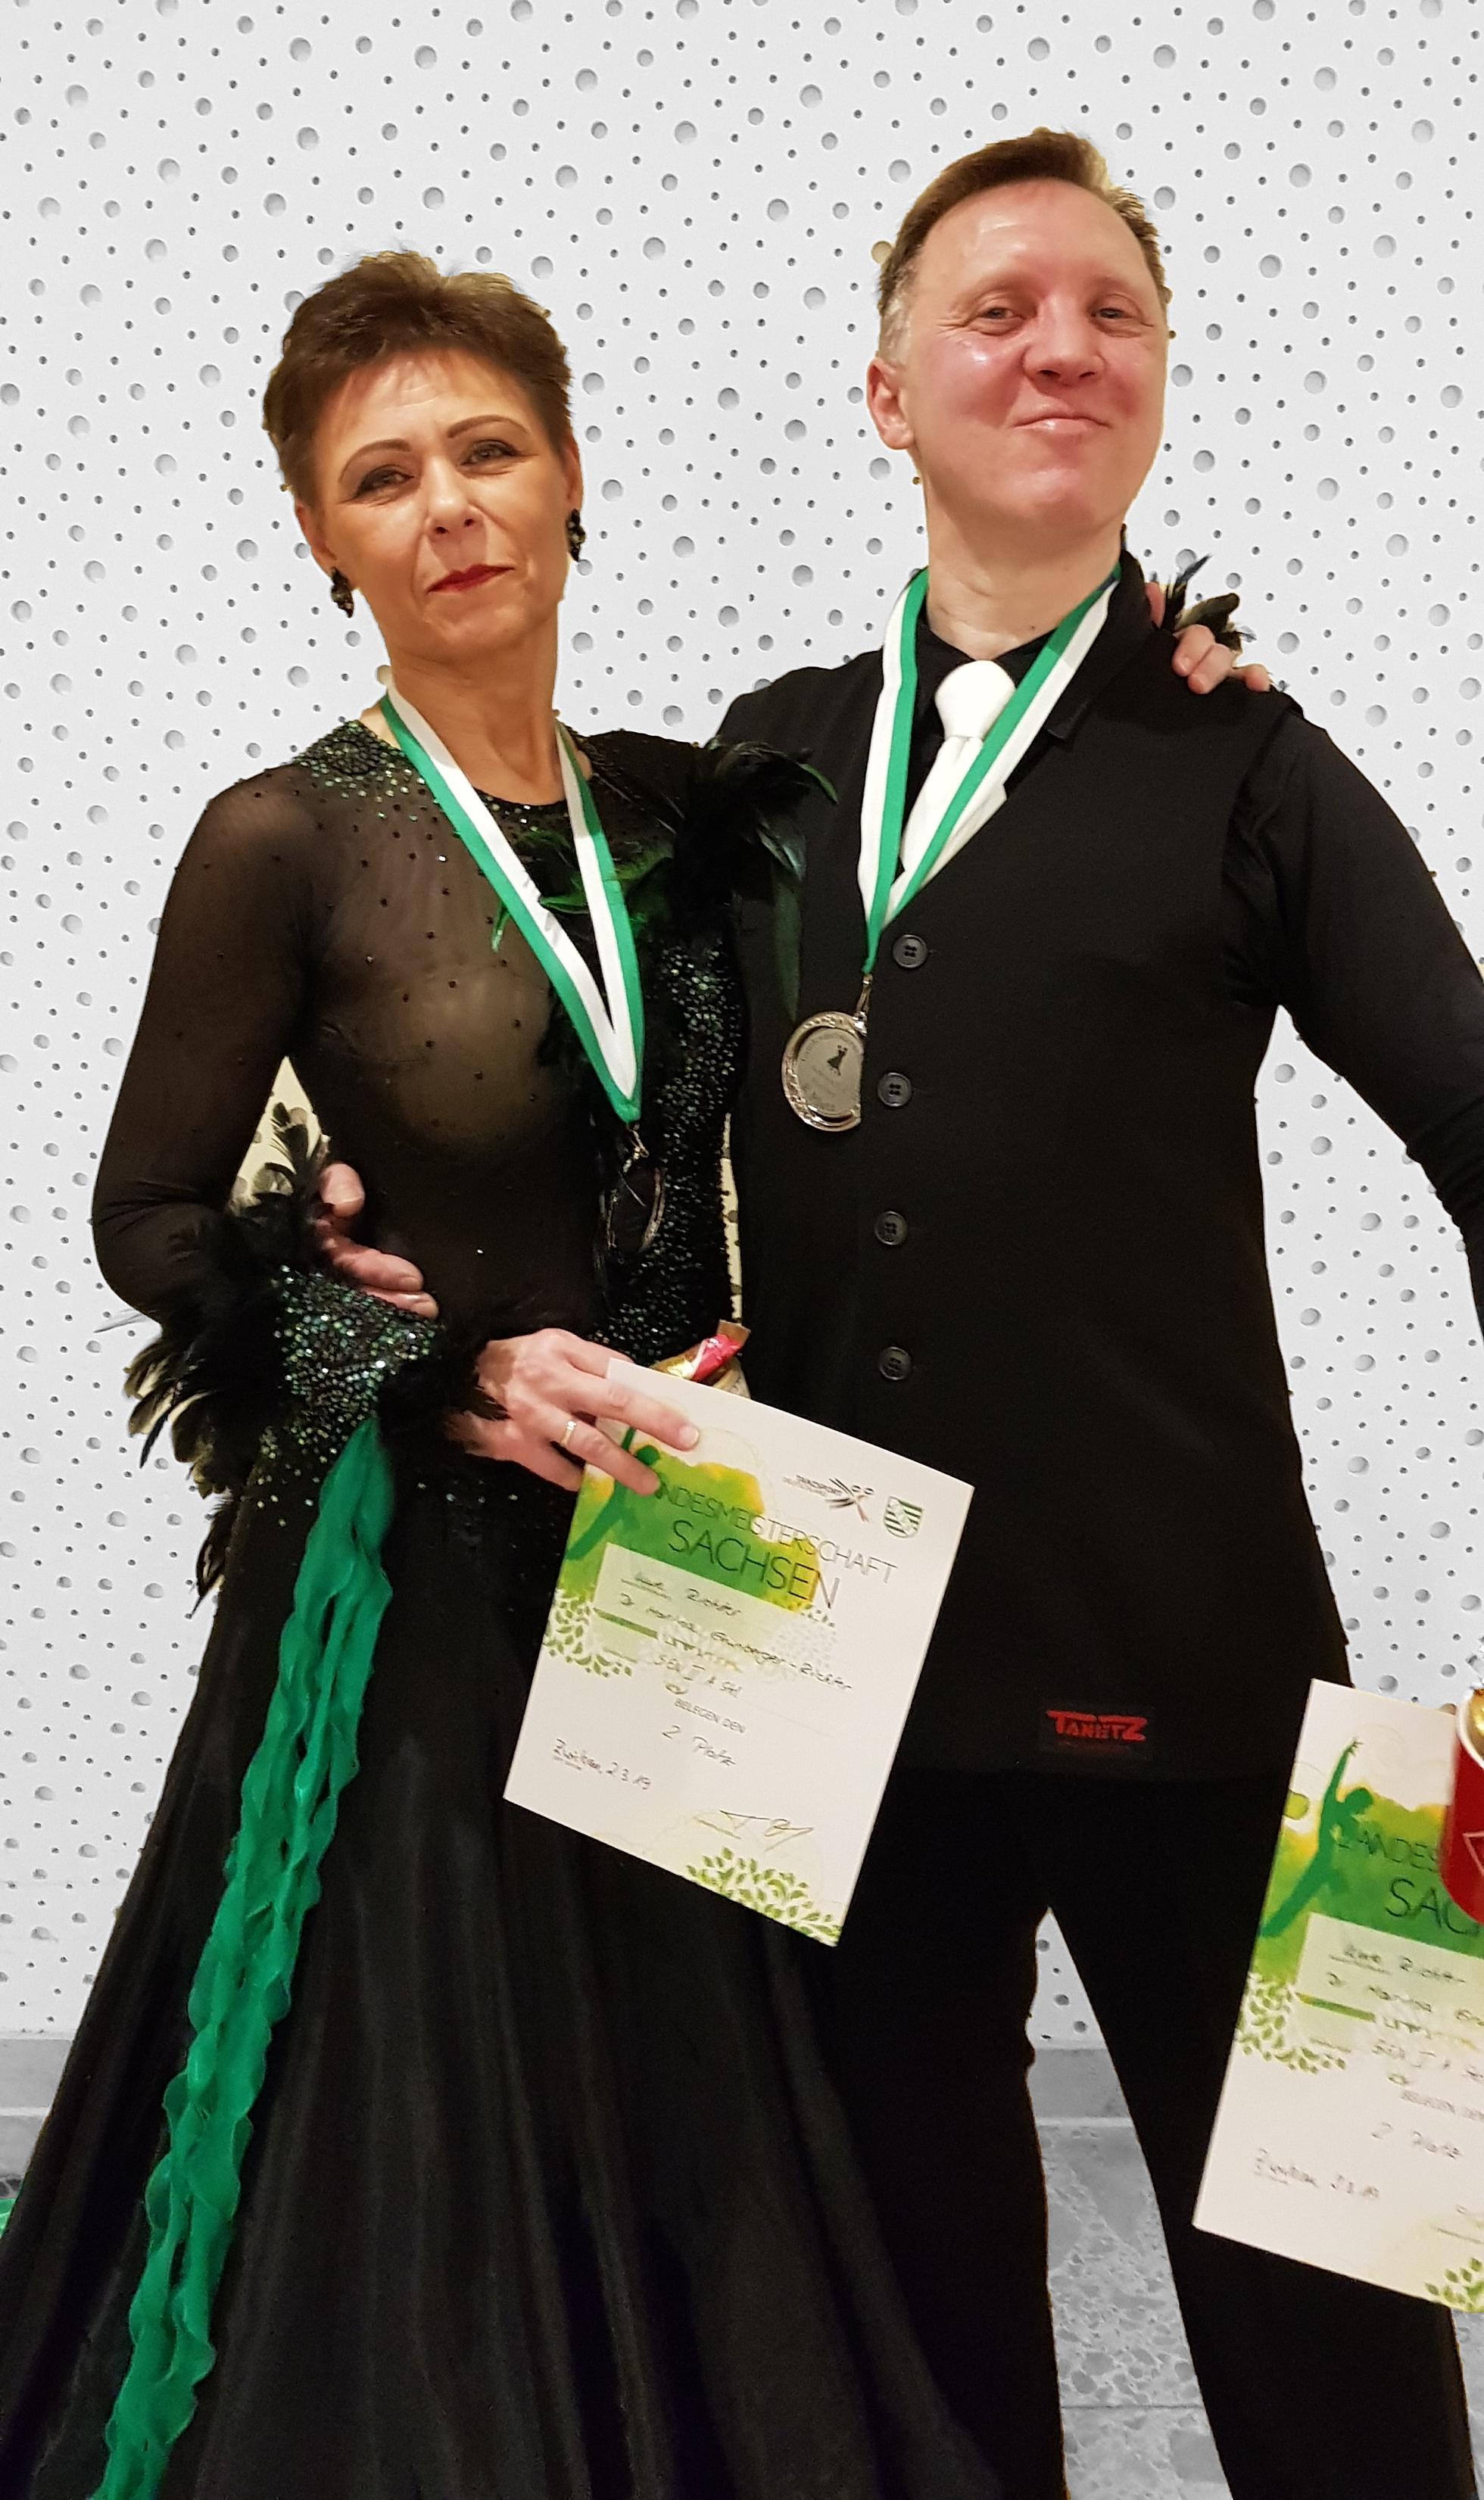 Dr. Marina Grünberger-Richter und Uwe Richter